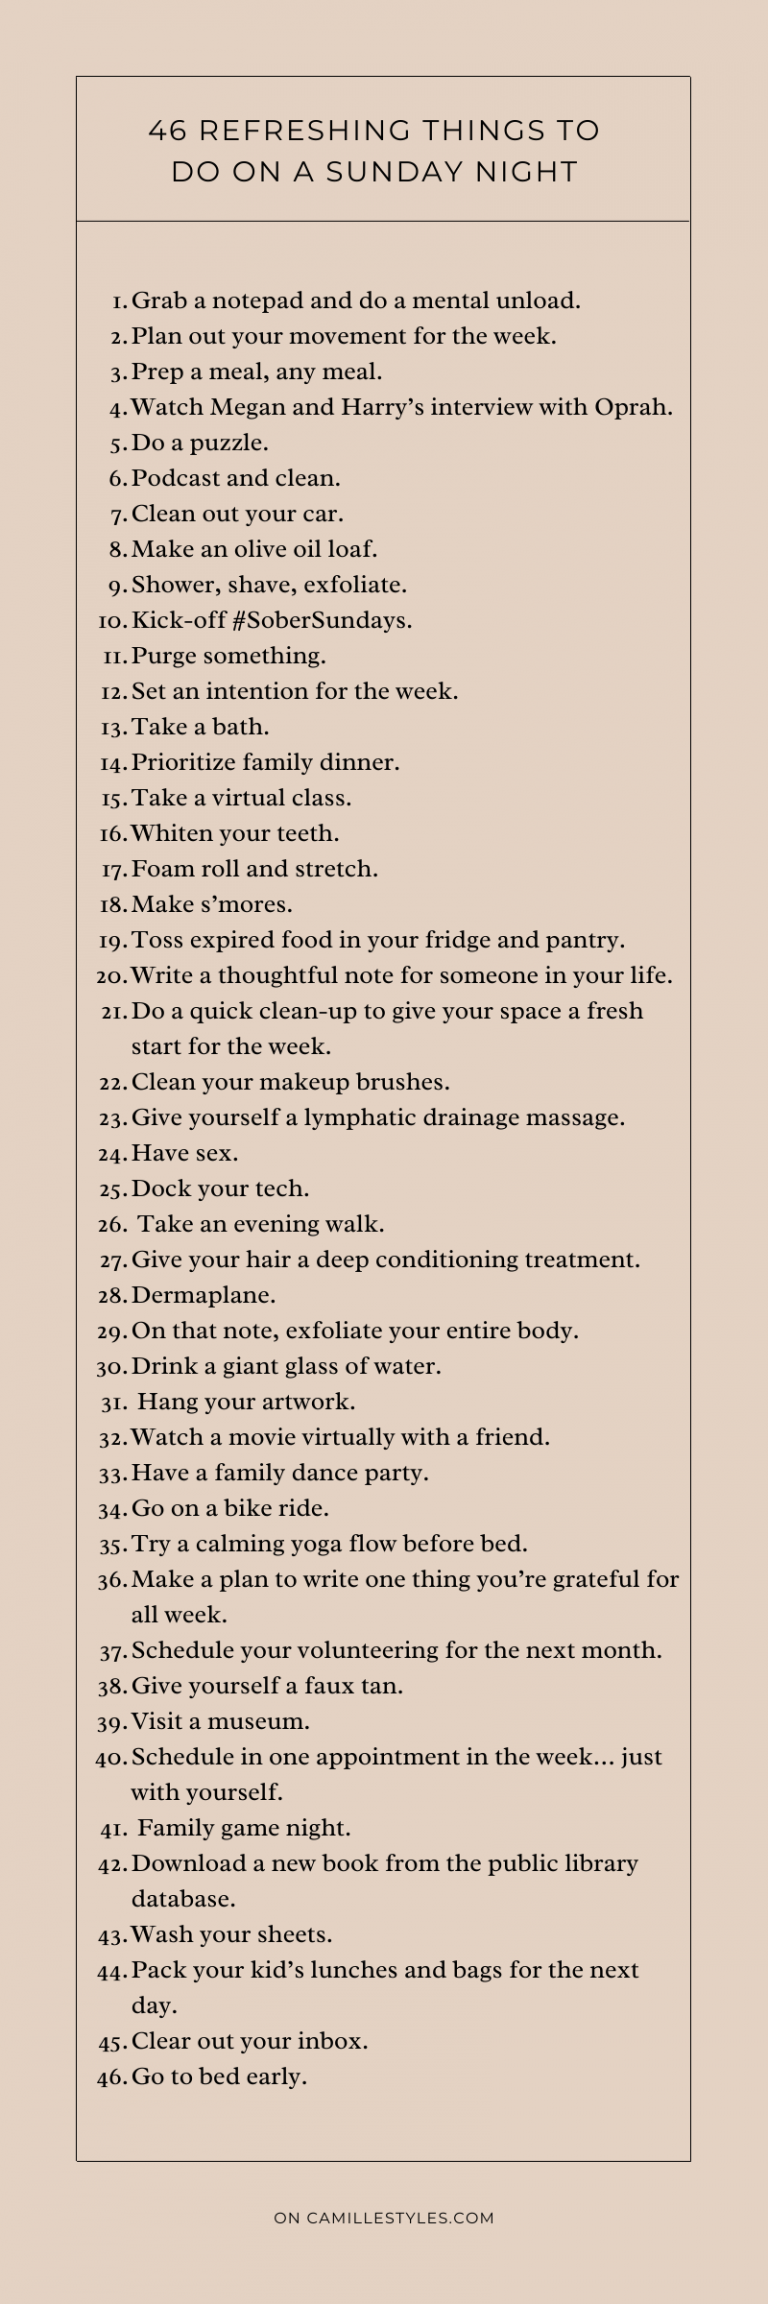 Pinterest_ 46 Dinge, die man an einem Sonntag unternehmen kann